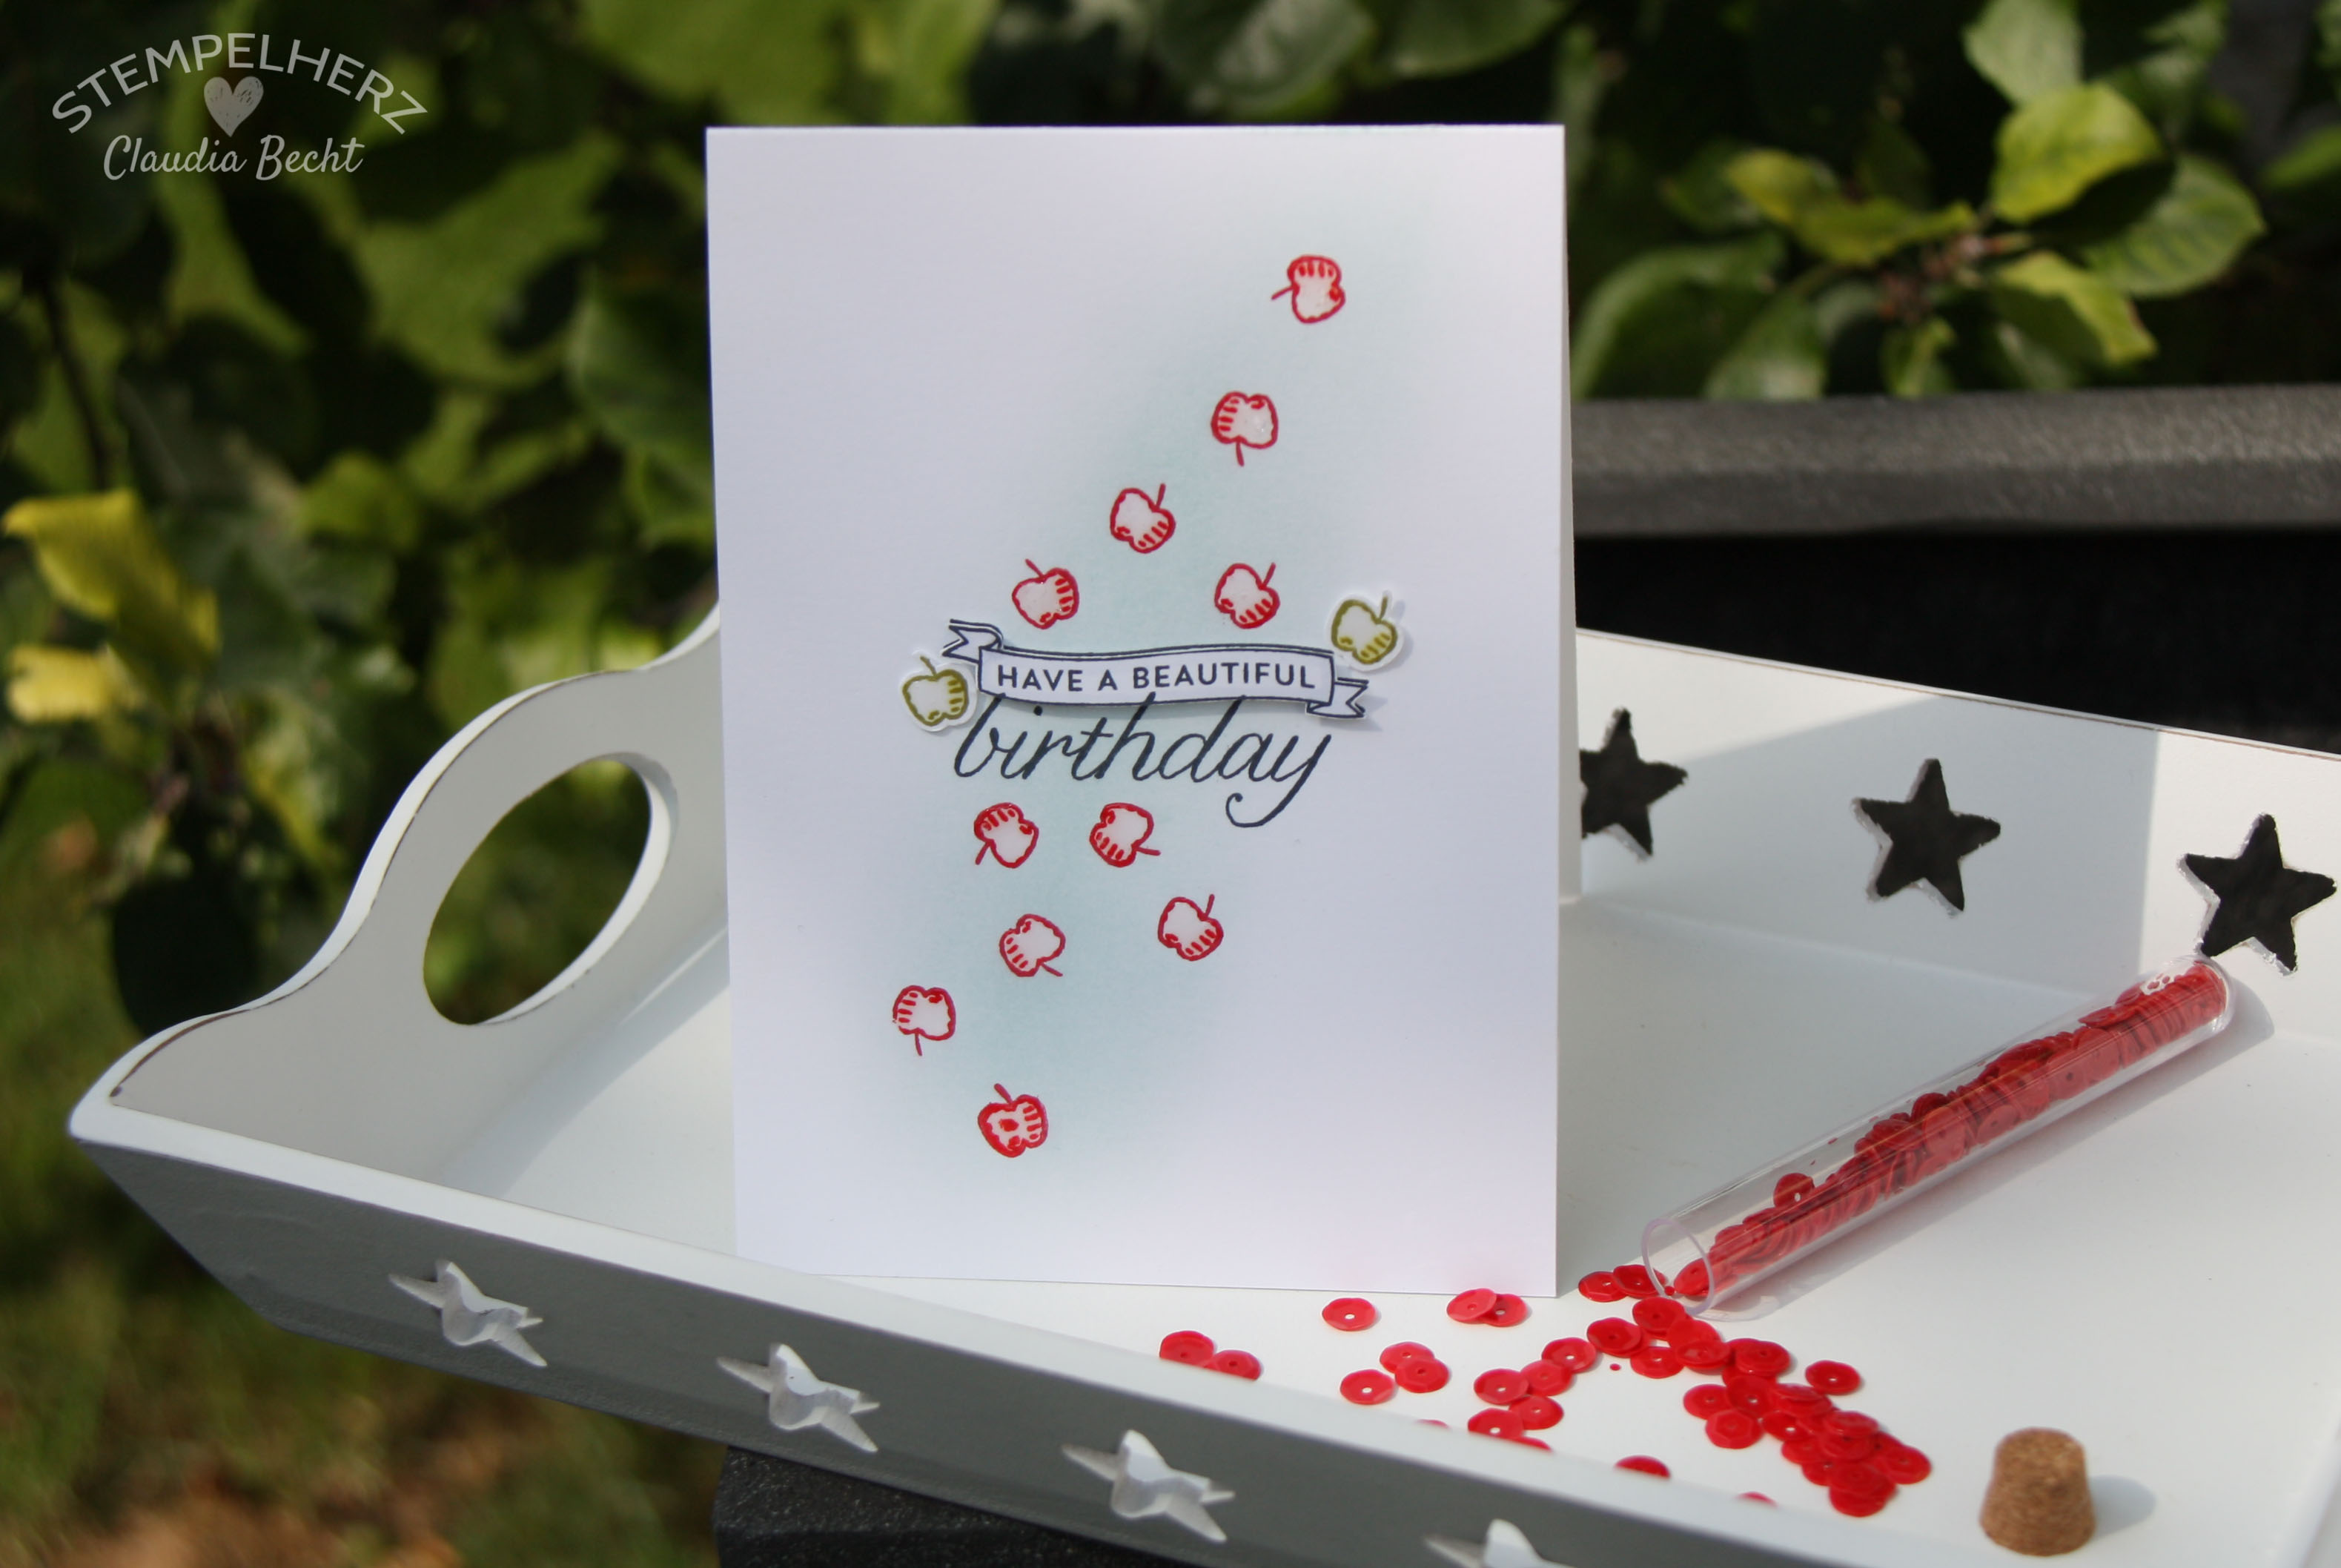 Stampin Up-Stempelherz-Geburtstagskarte-Spiralkarte-Worte die gut tun-Birthday Blossoms-Spiralkarte Apfelbaum 14b